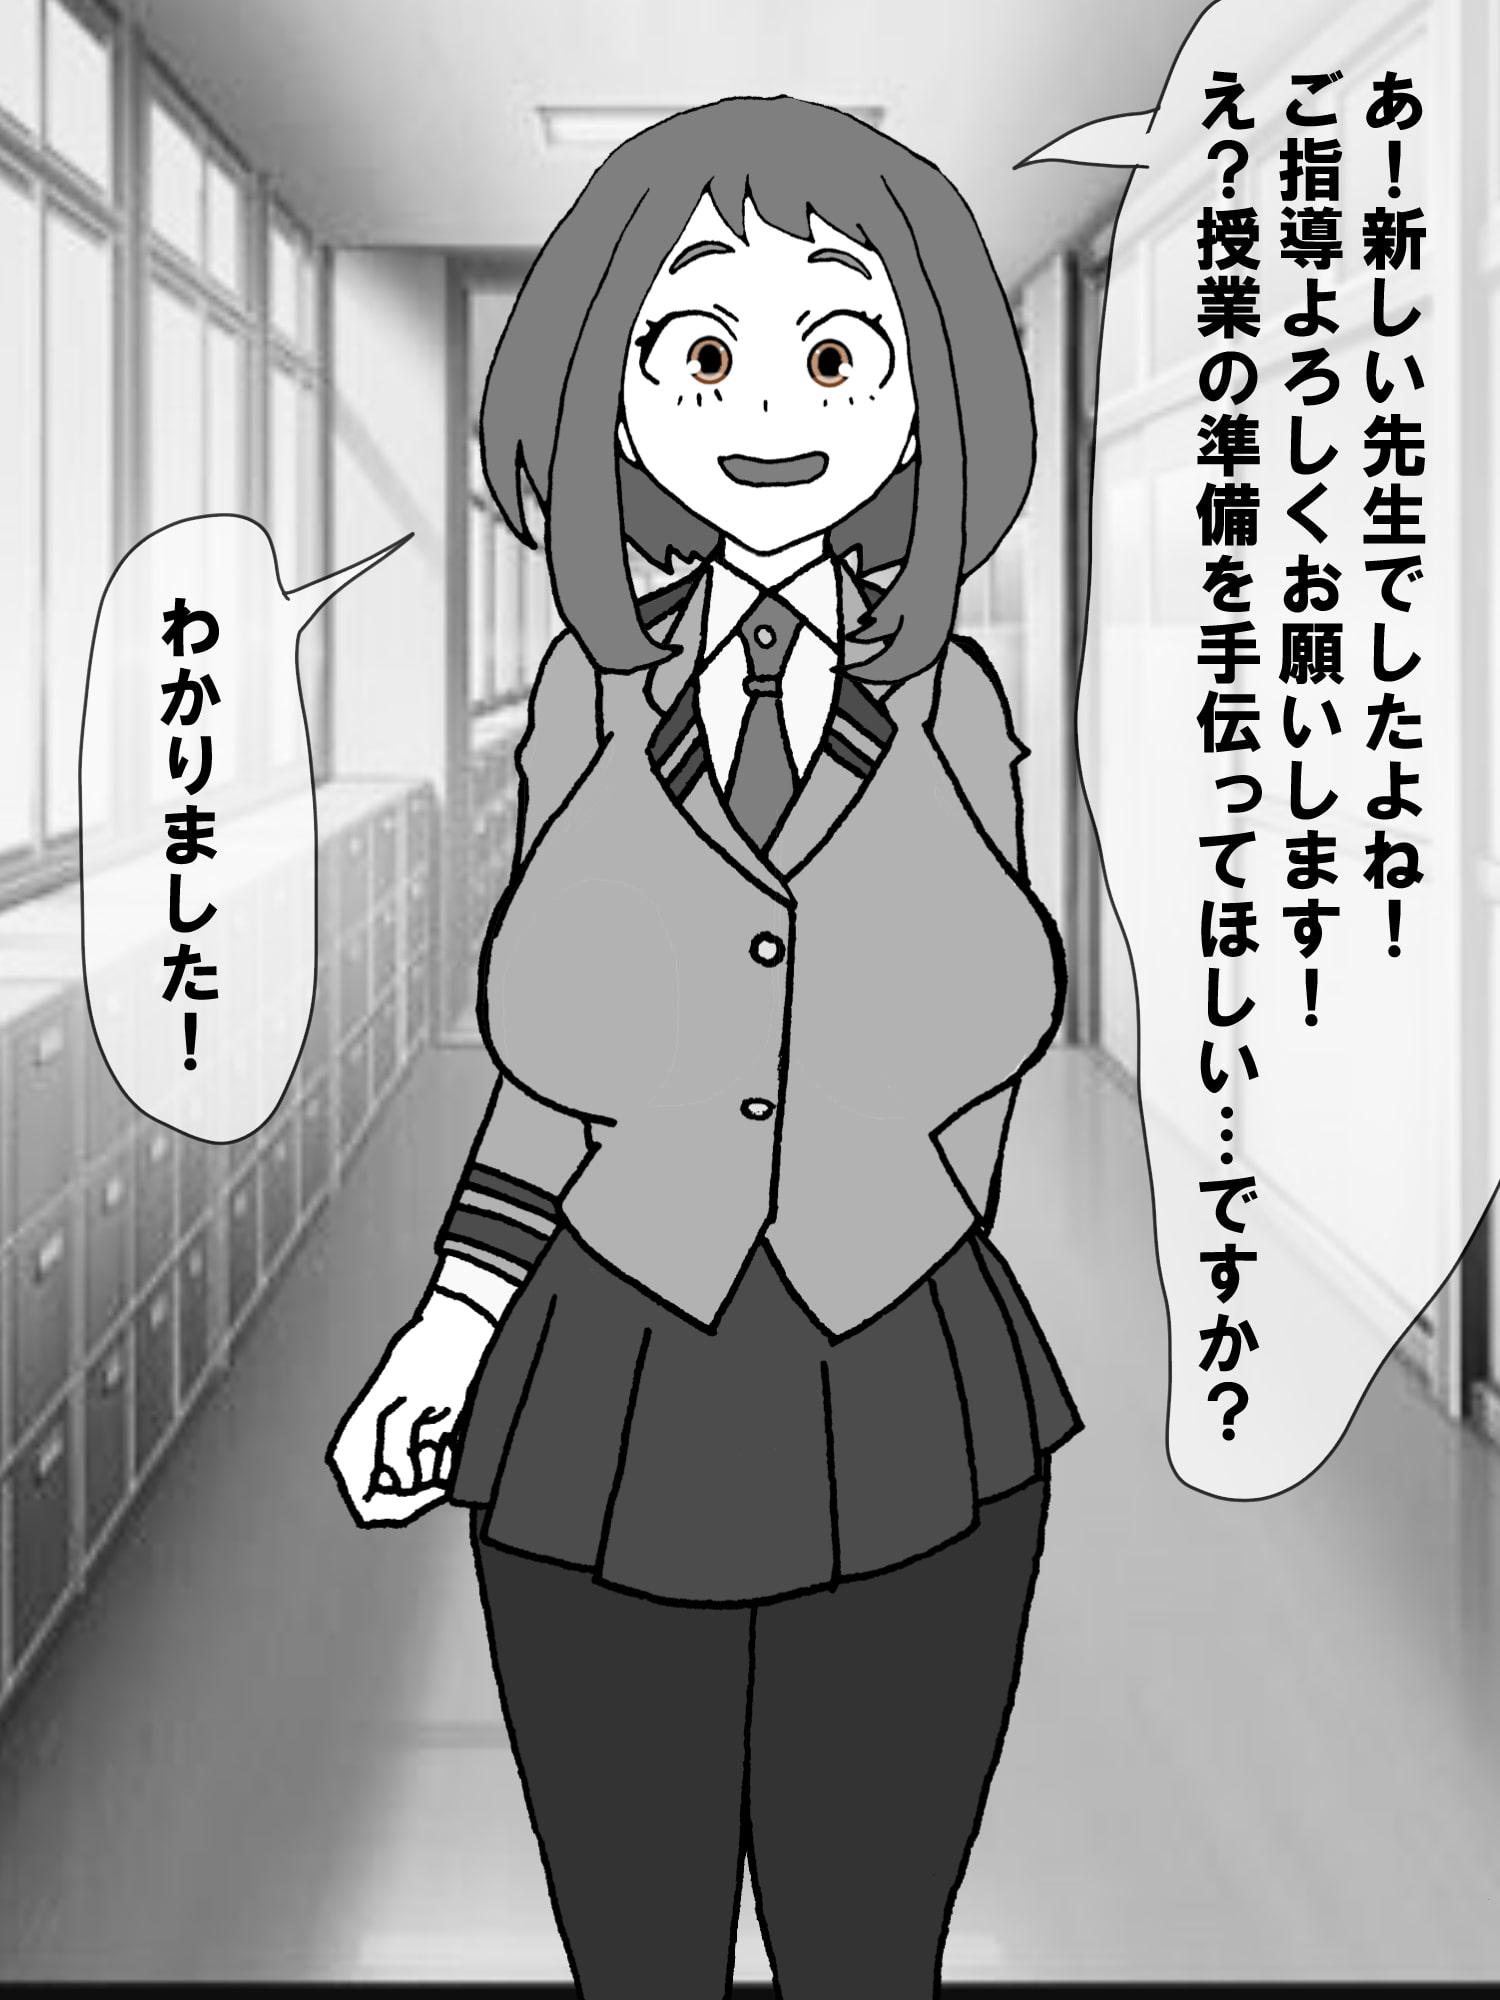 即堕ち〇ぽ ! 5 ~ヒーロー堕ち~